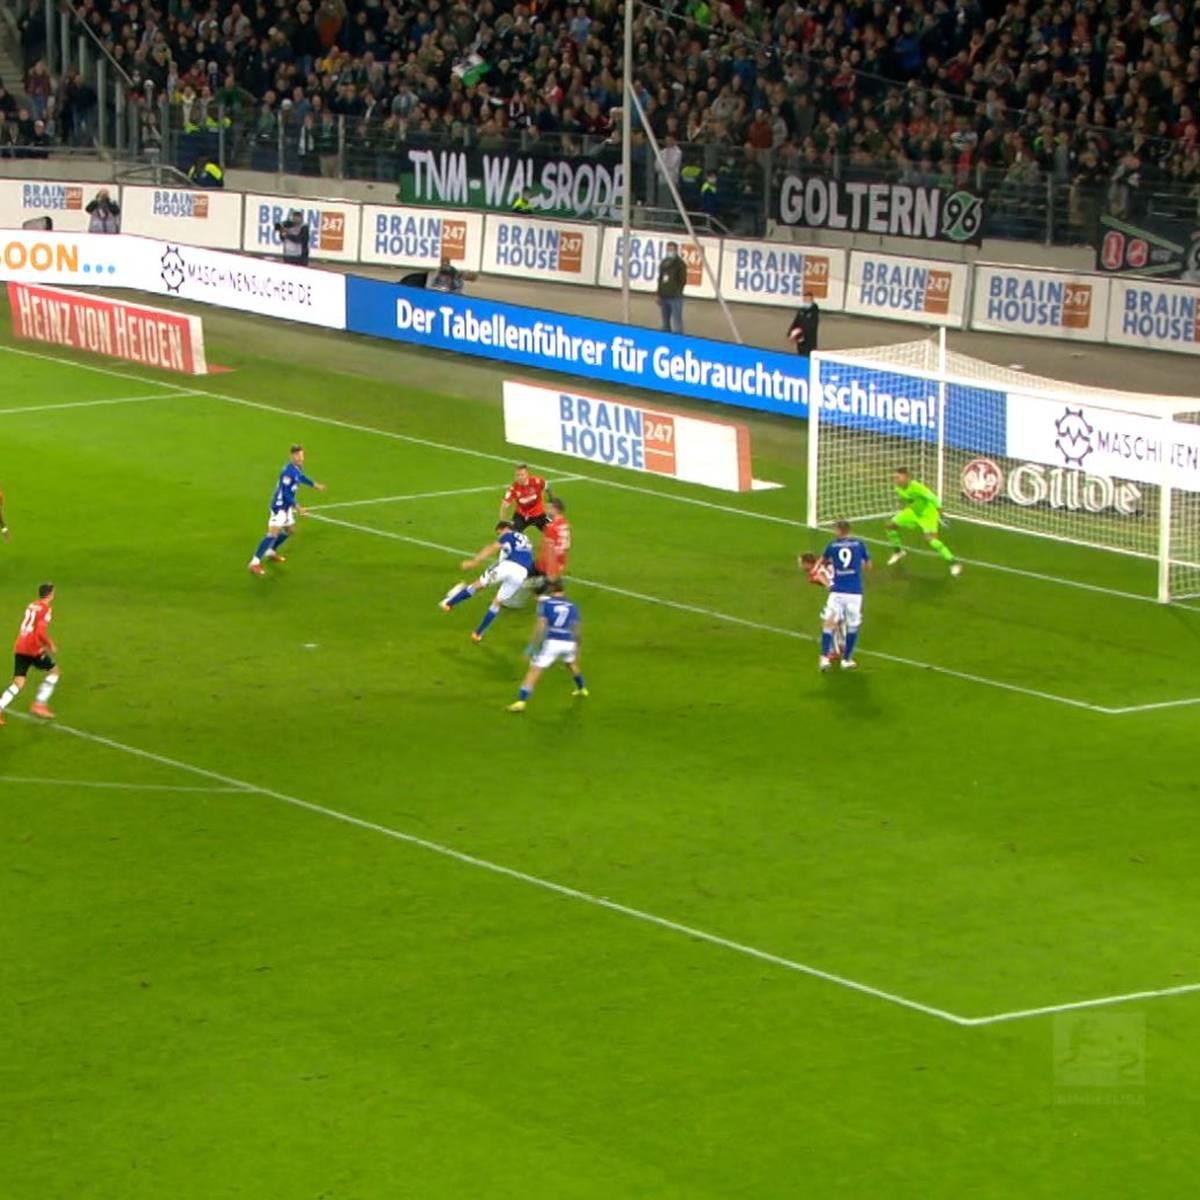 Erst Chancentod, dann Matchwinner: Kaminski lässt Schalke spät jubeln